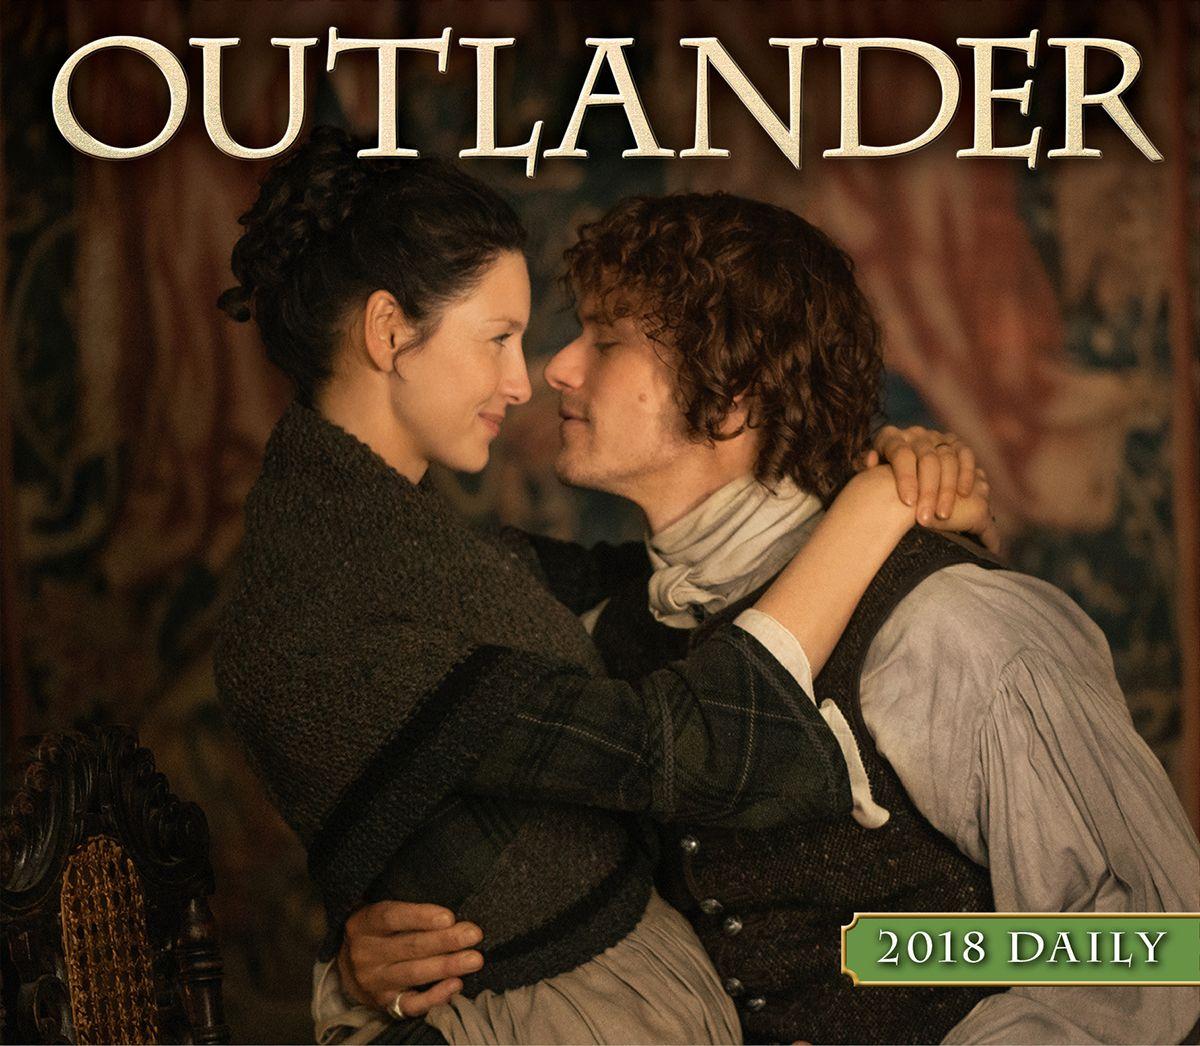 Outlander 2021 Daily Calendar   RSVP | Outlander, Daily calendar